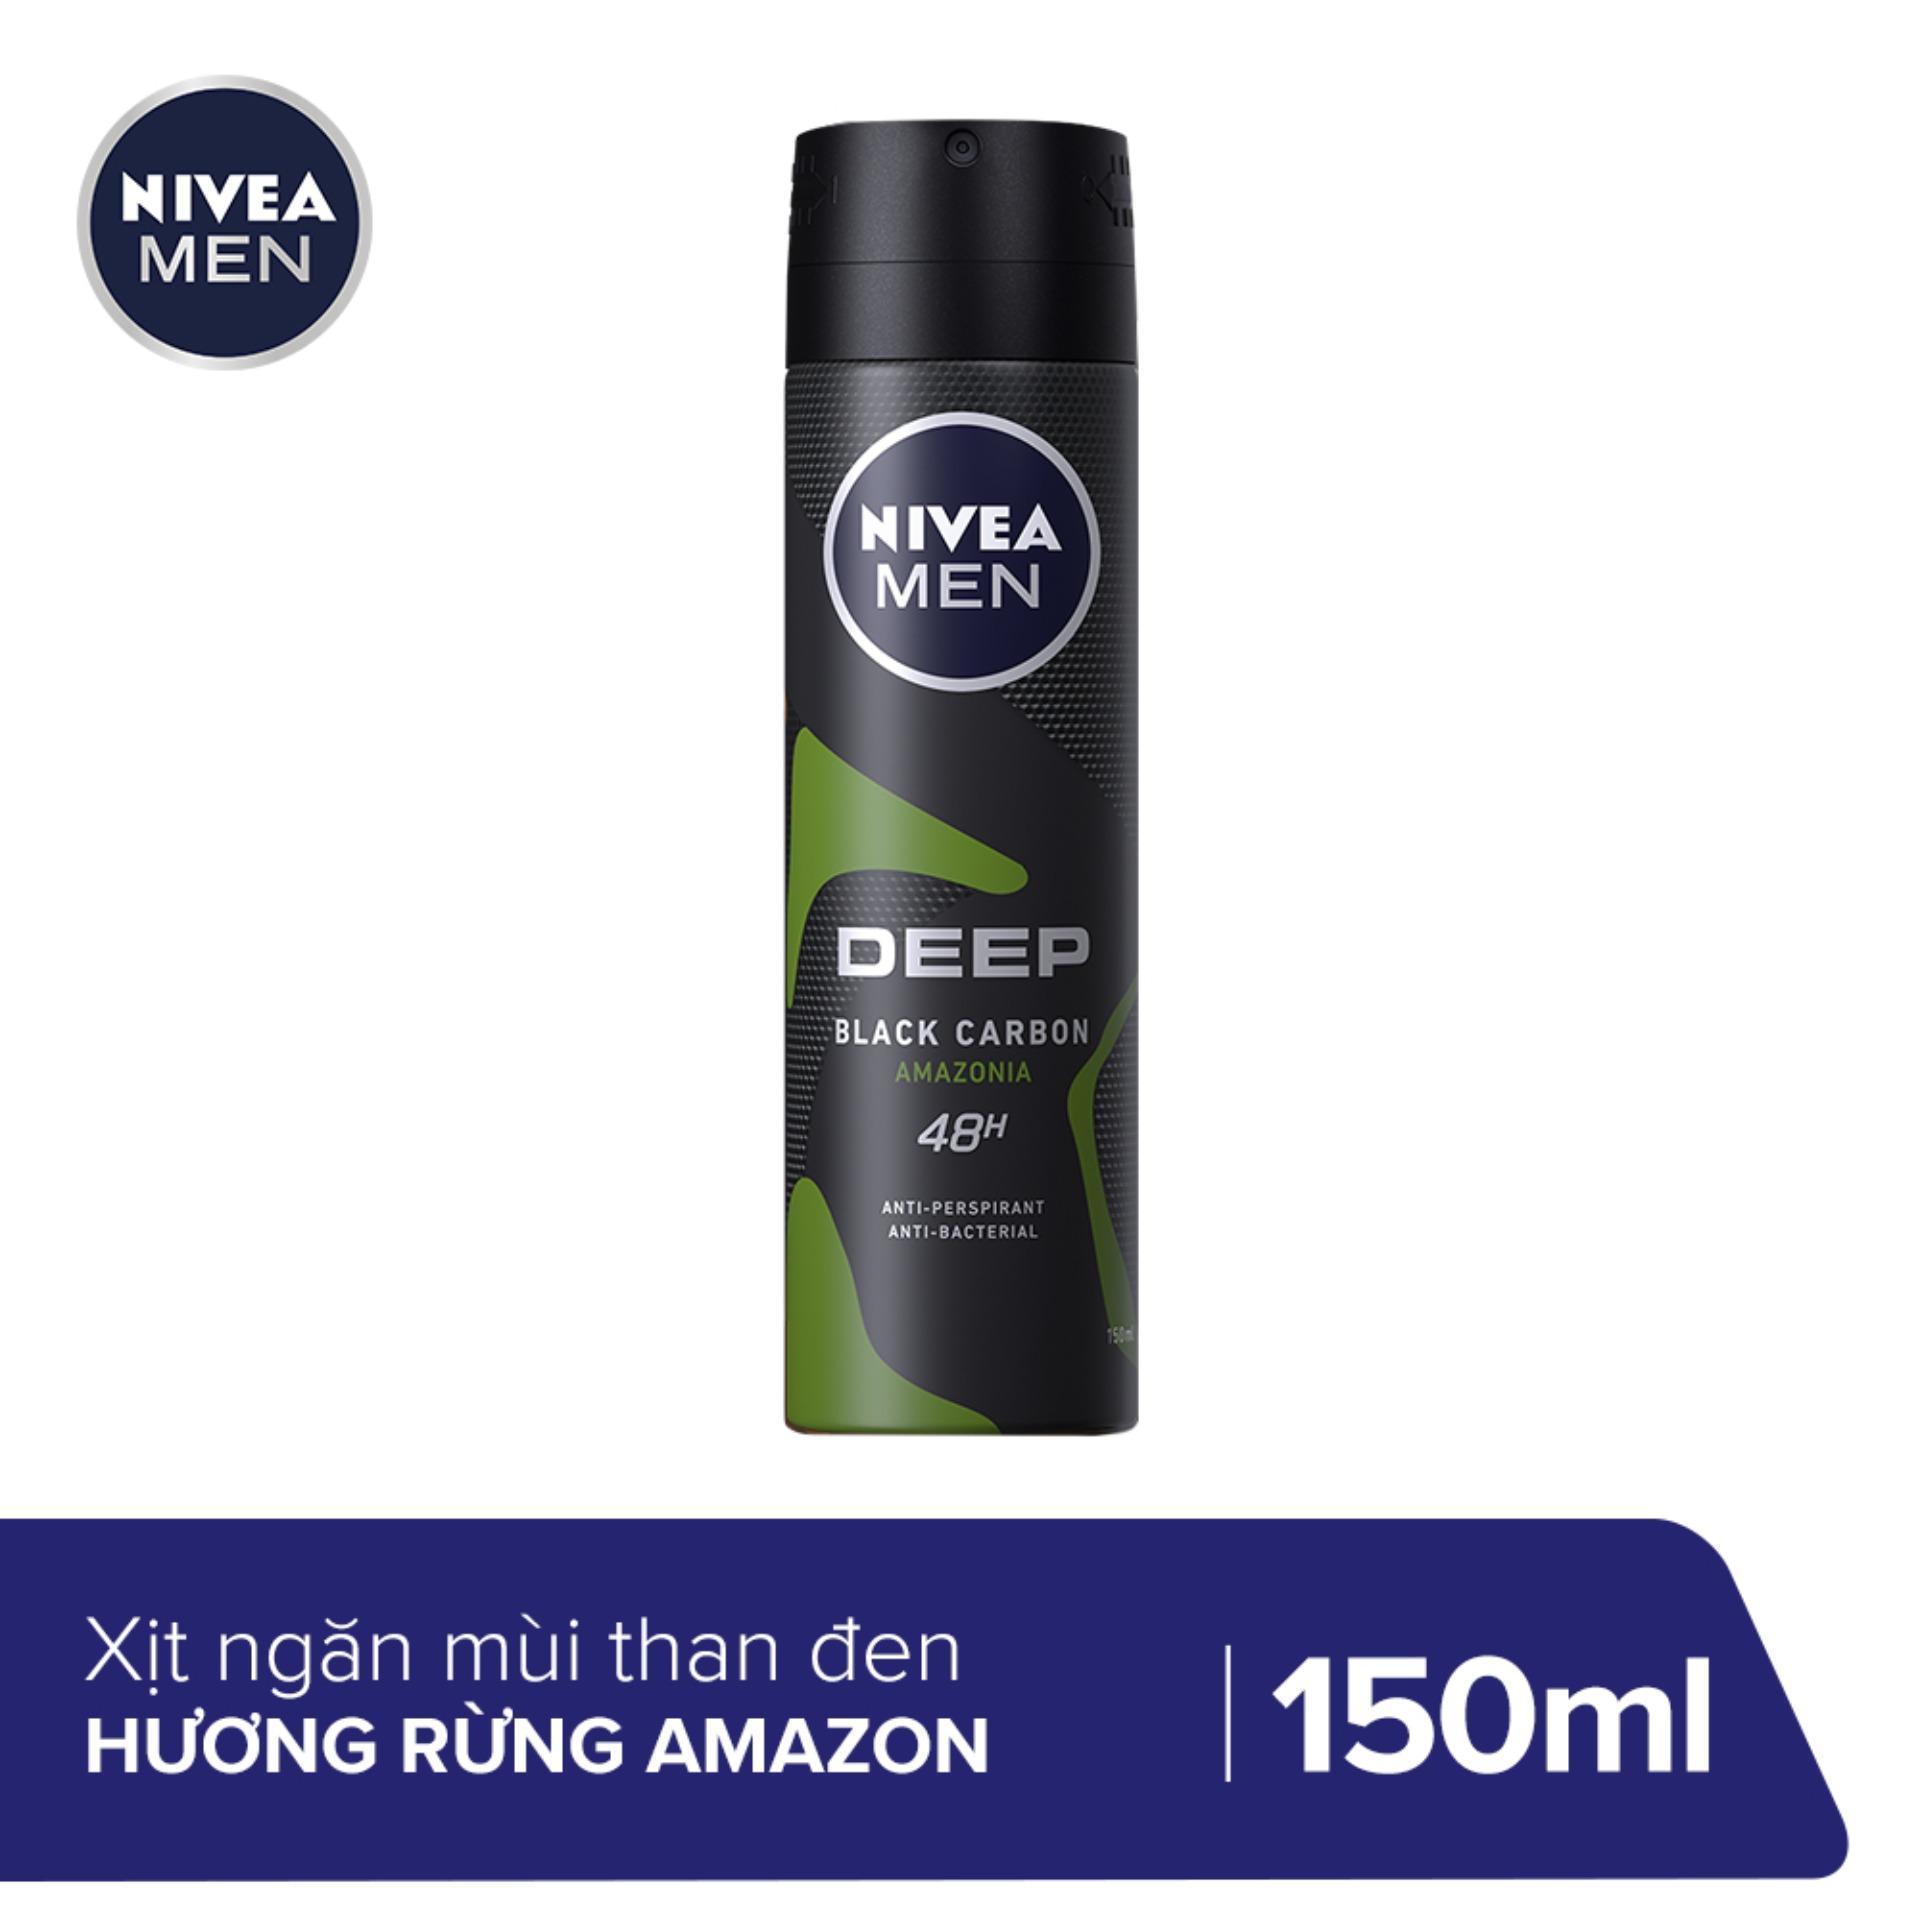 Xịt ngăn mùi Nivea Than Đen Hương Rừng Amazon 150ML - 85371 cao cấp